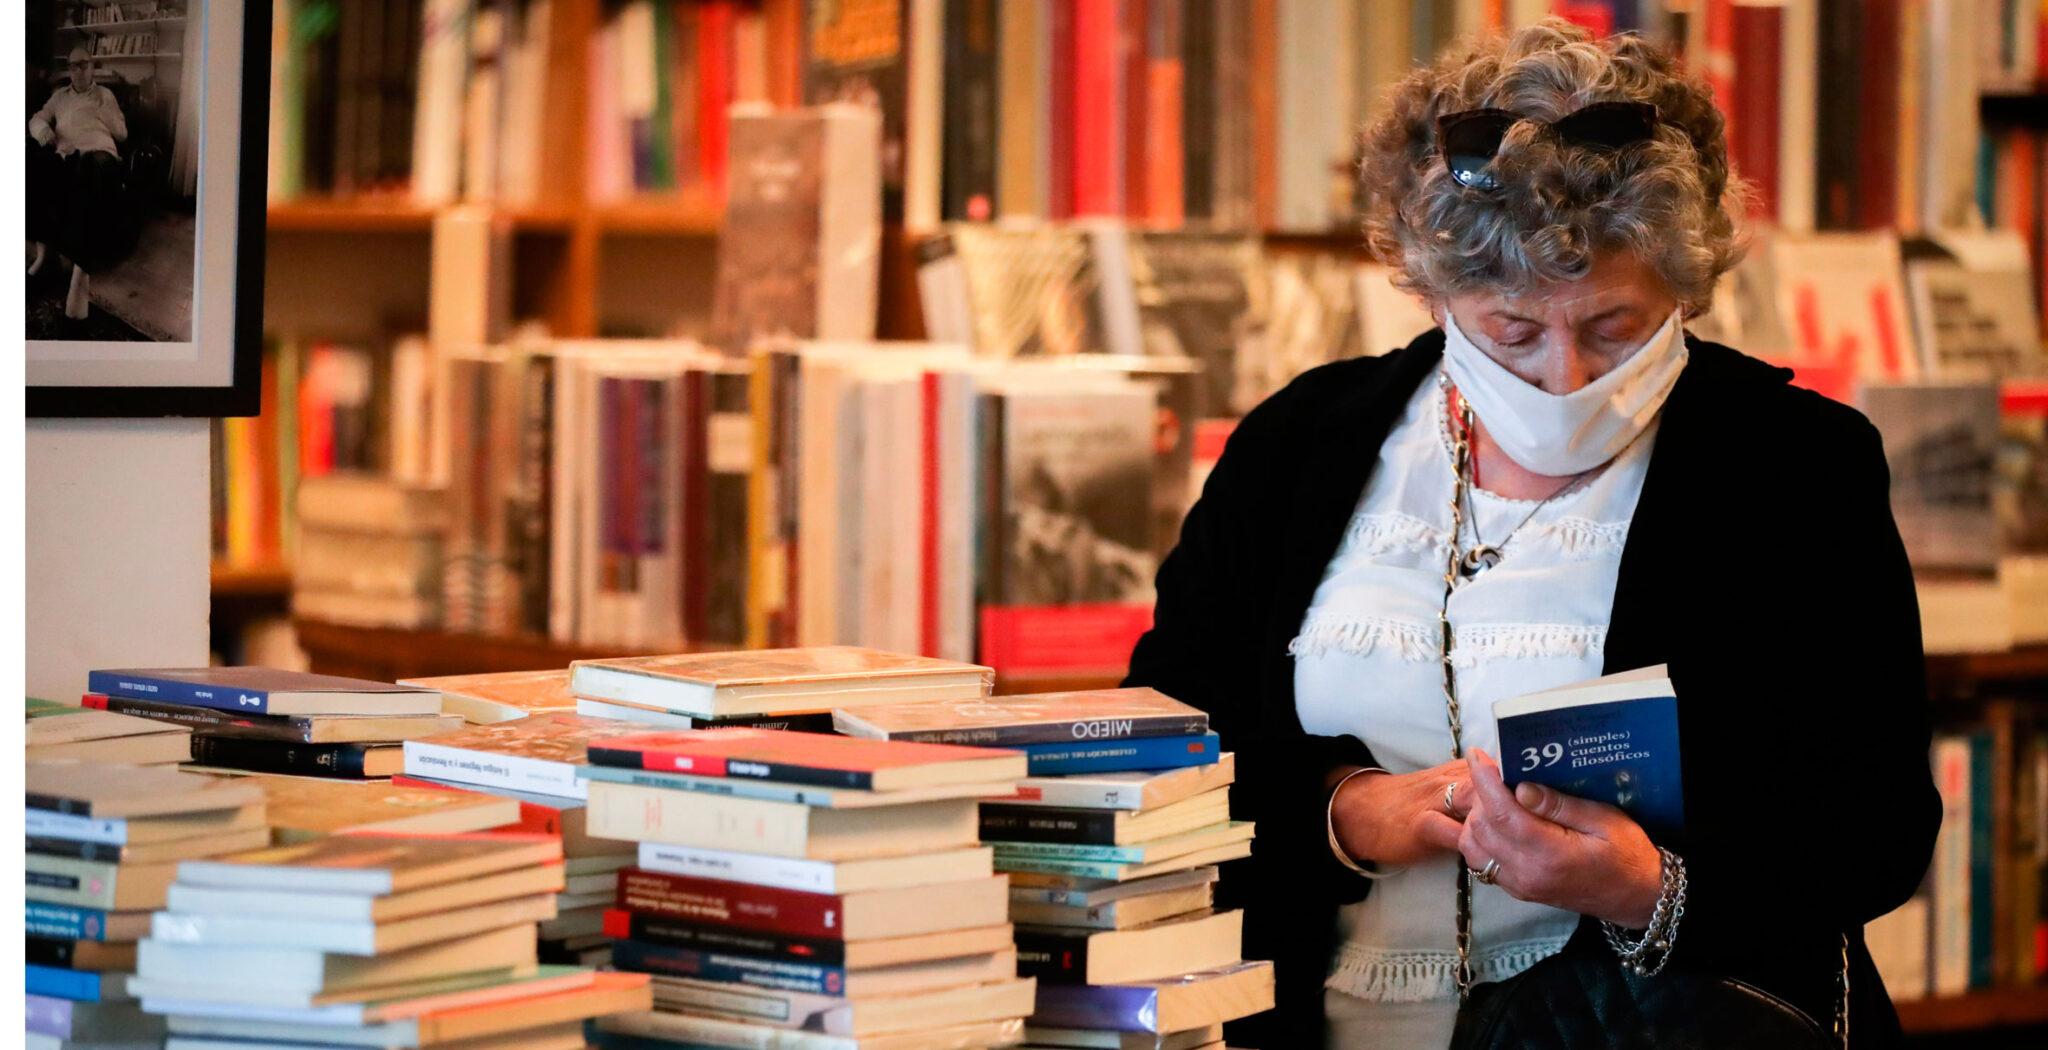 mujer revisando libros en una librería